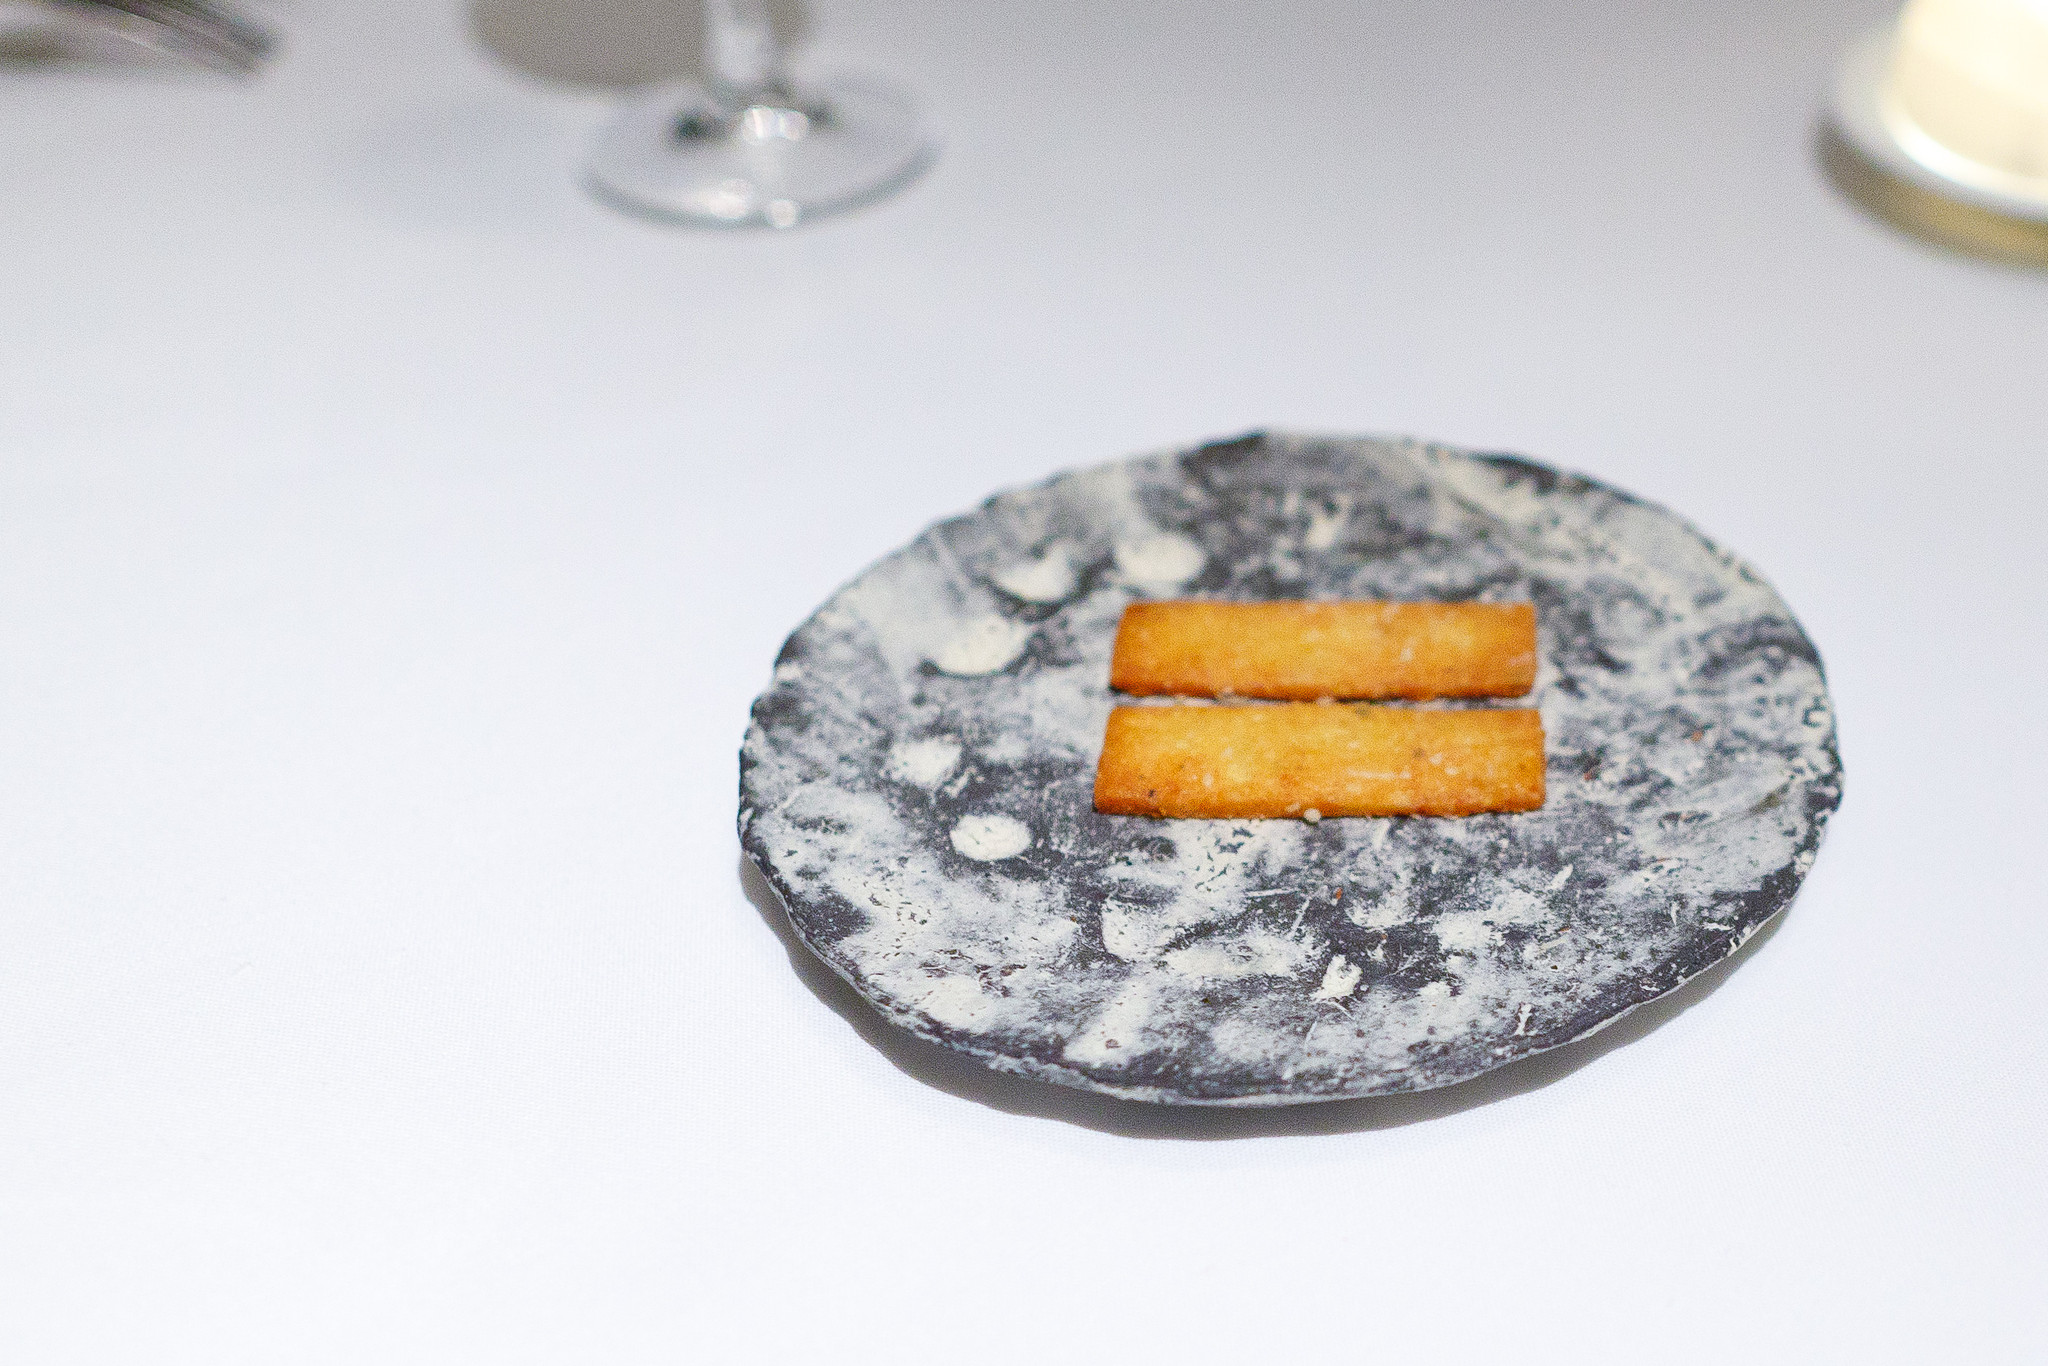 1st Course - Roquefort cheese sablé